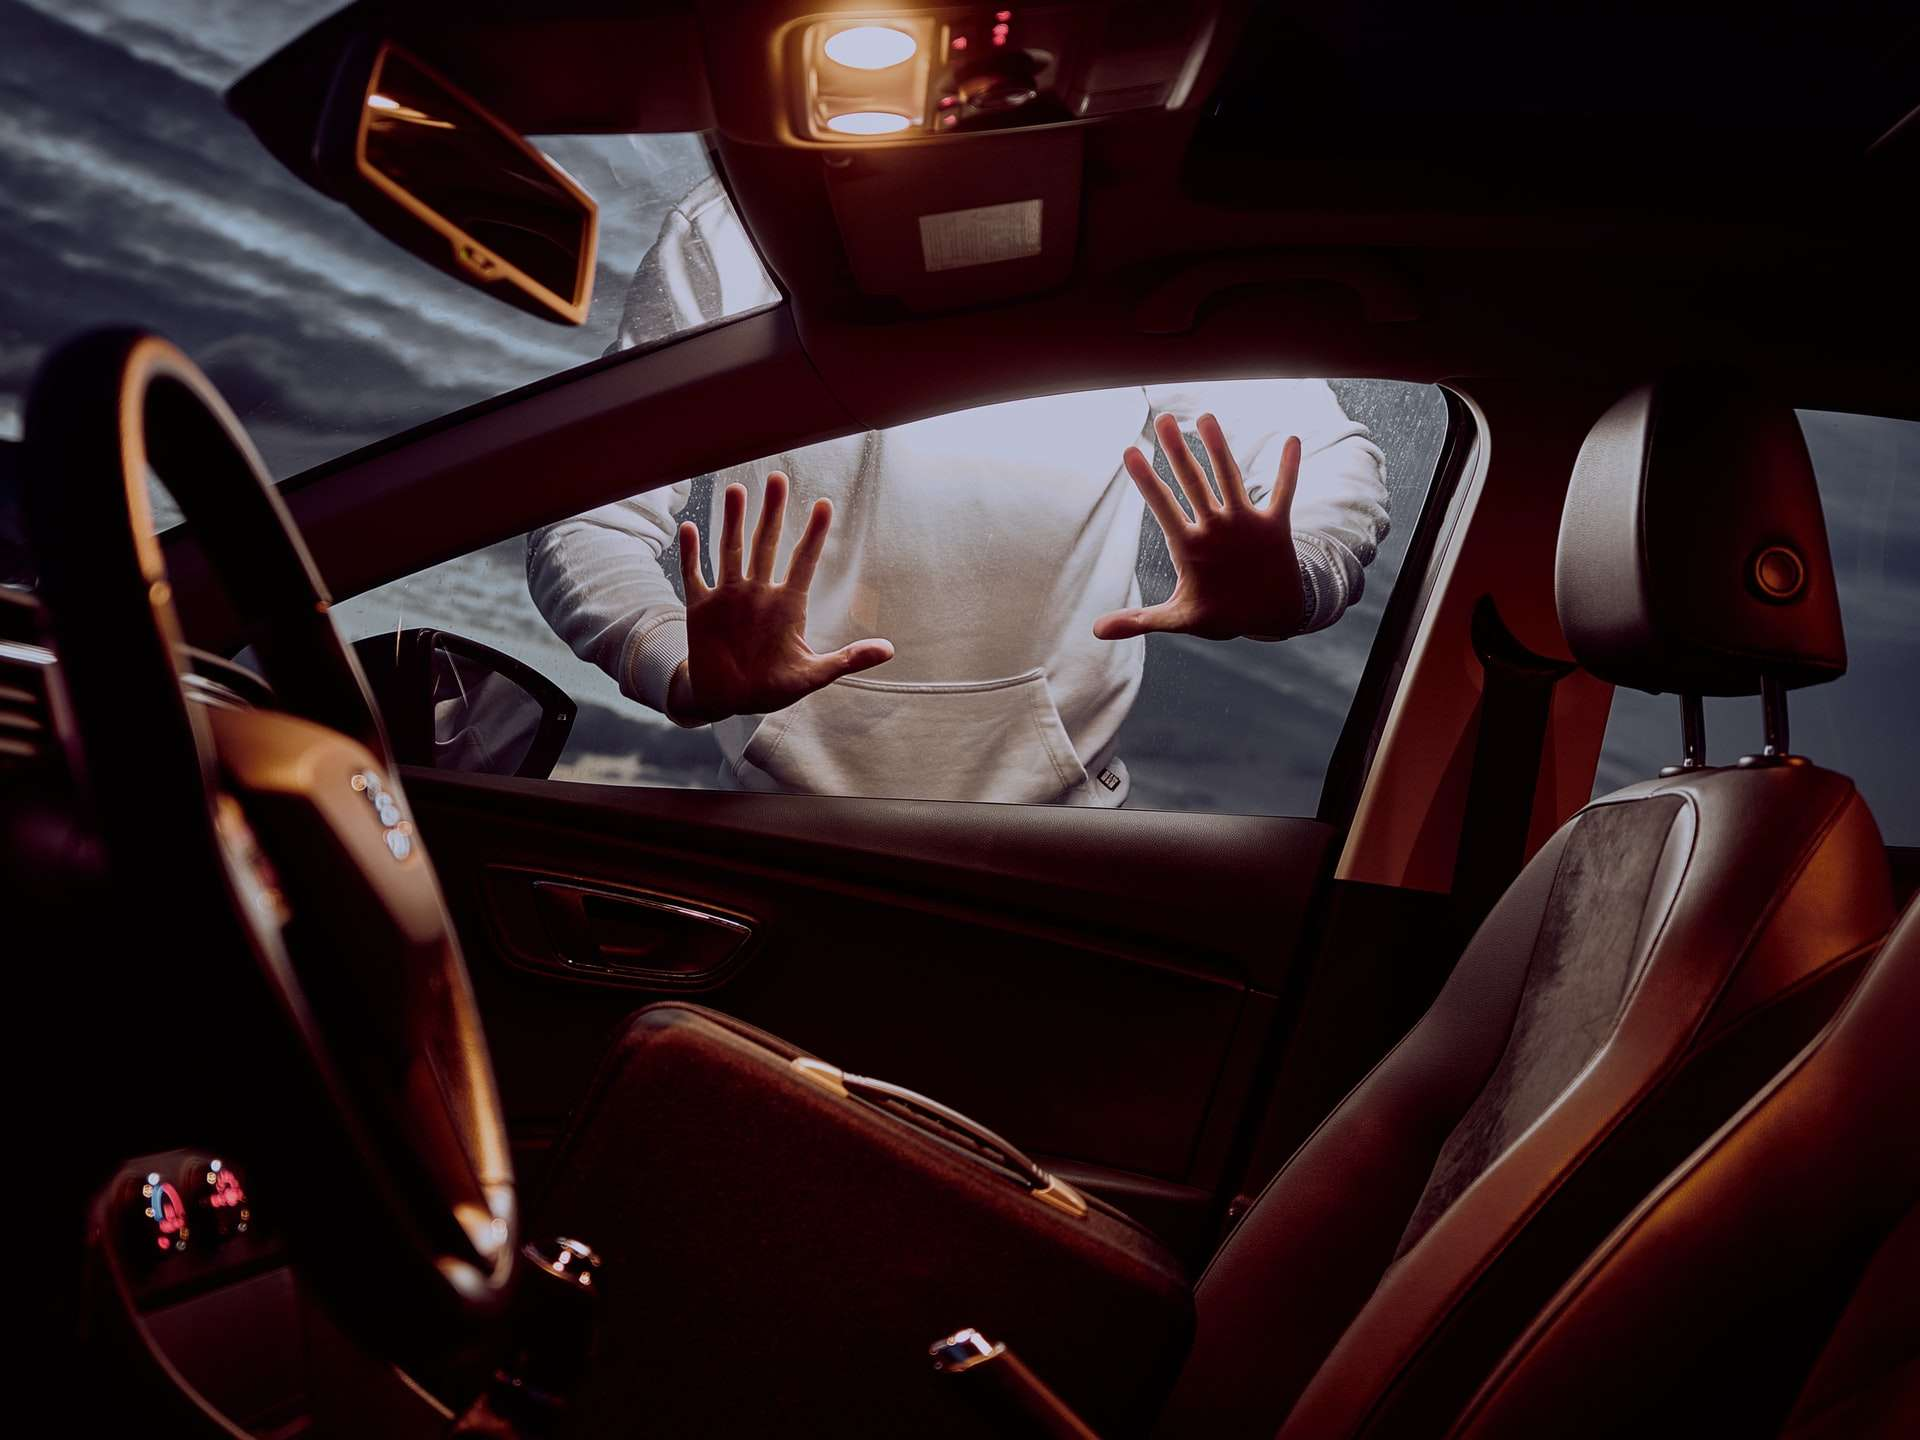 Çalınan Araba Nasıl Bulunur? Araba Çalındığında Neler Yapılmalıdır?